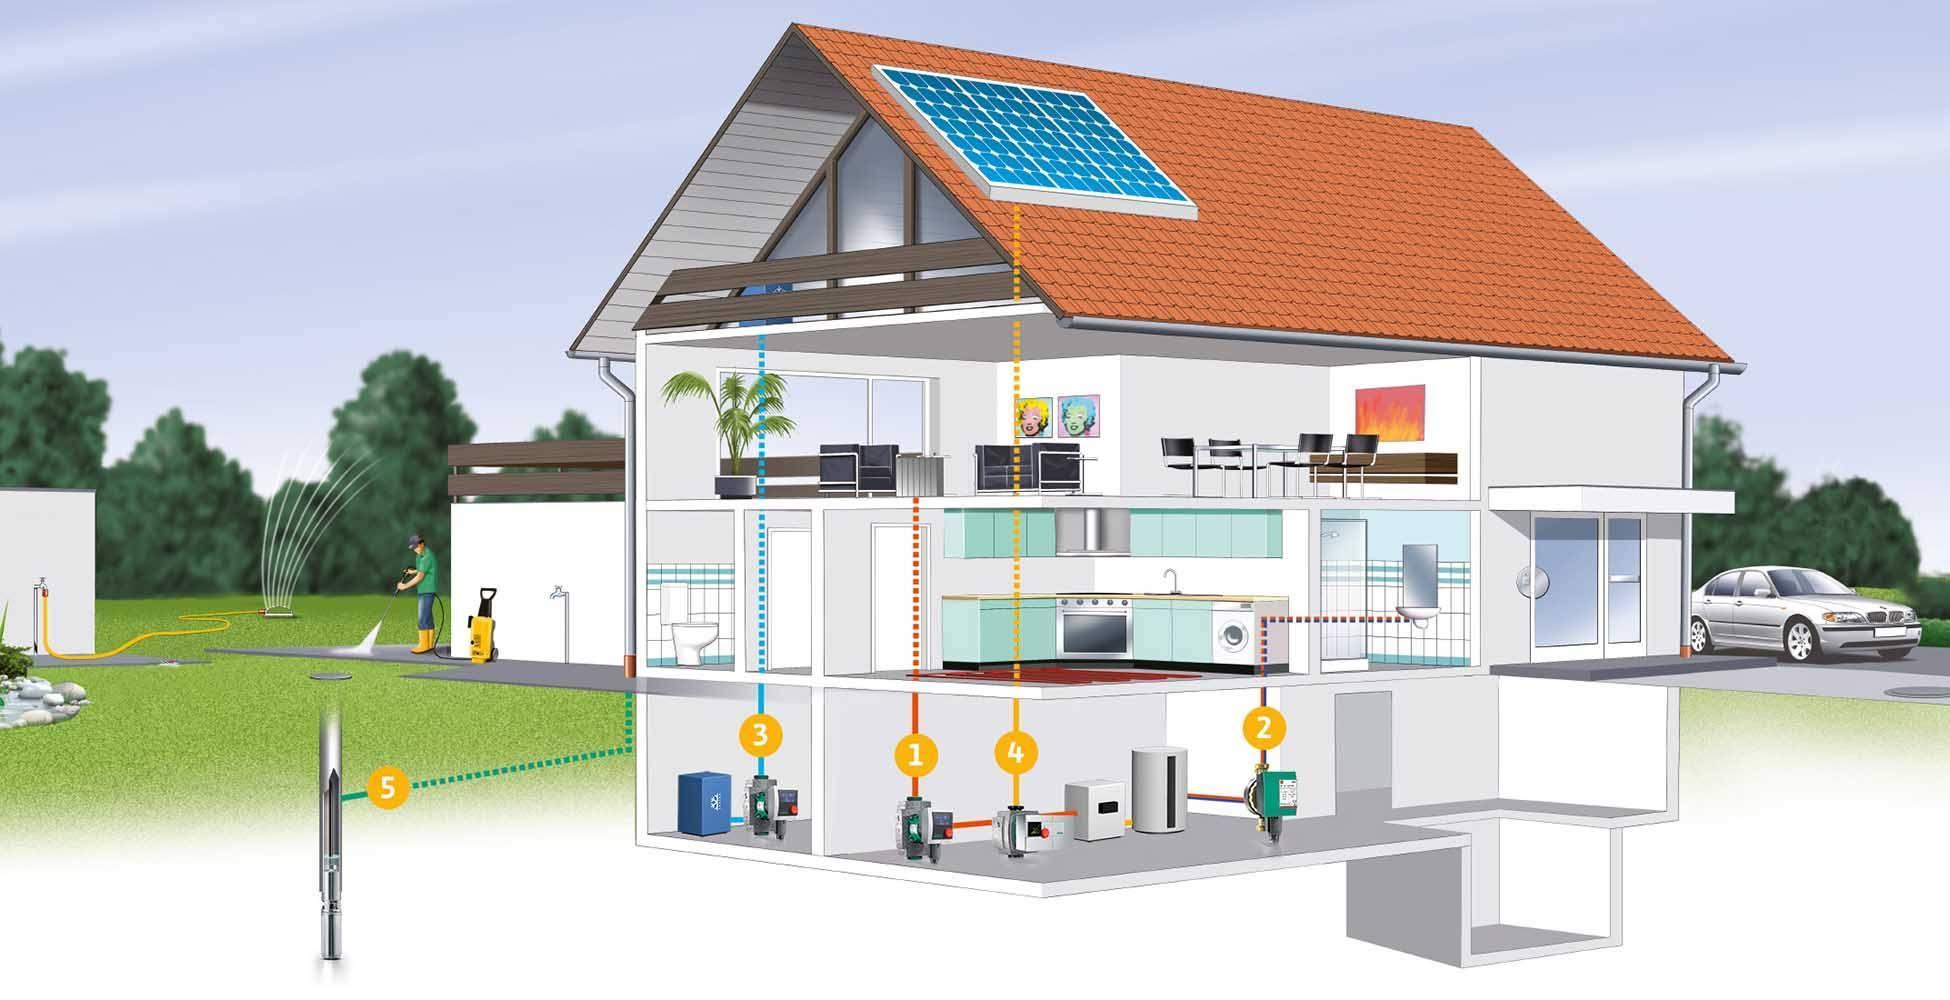 Как отопить частный дом: сравним варианты отопления частного дома | отопление дома и квартиры